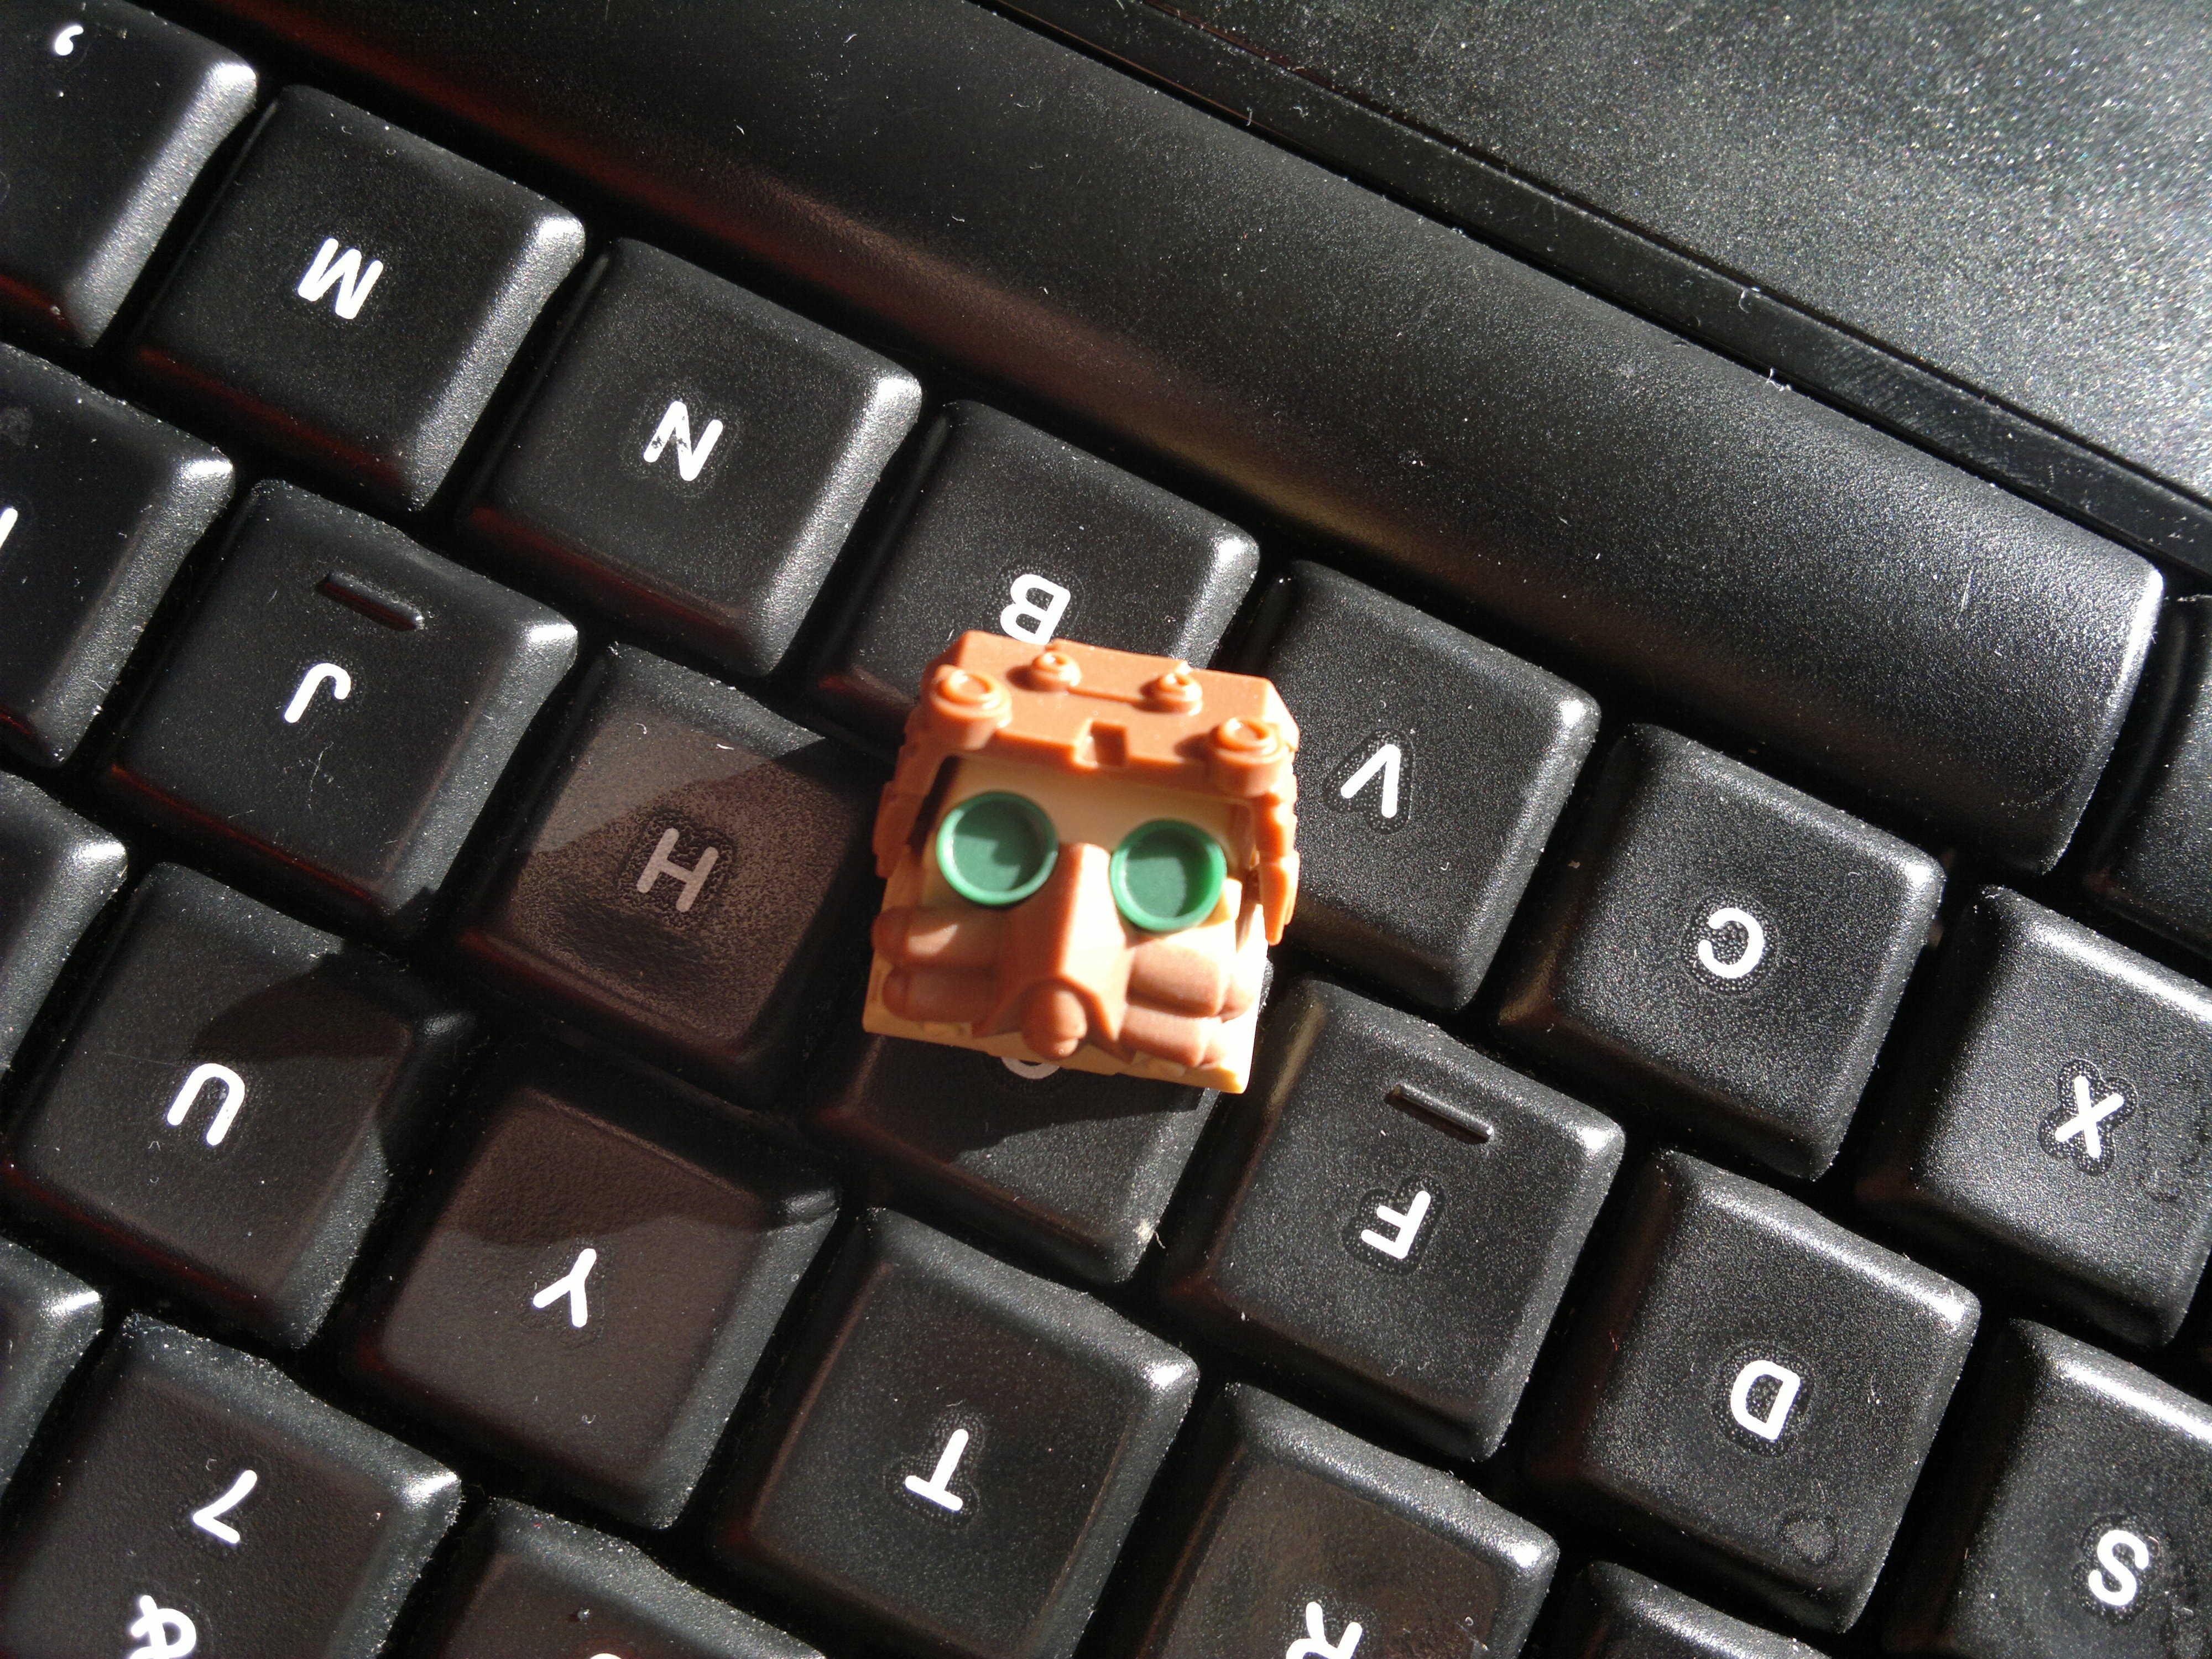 Artisan Keycap Spotlight: Hot Keys Project